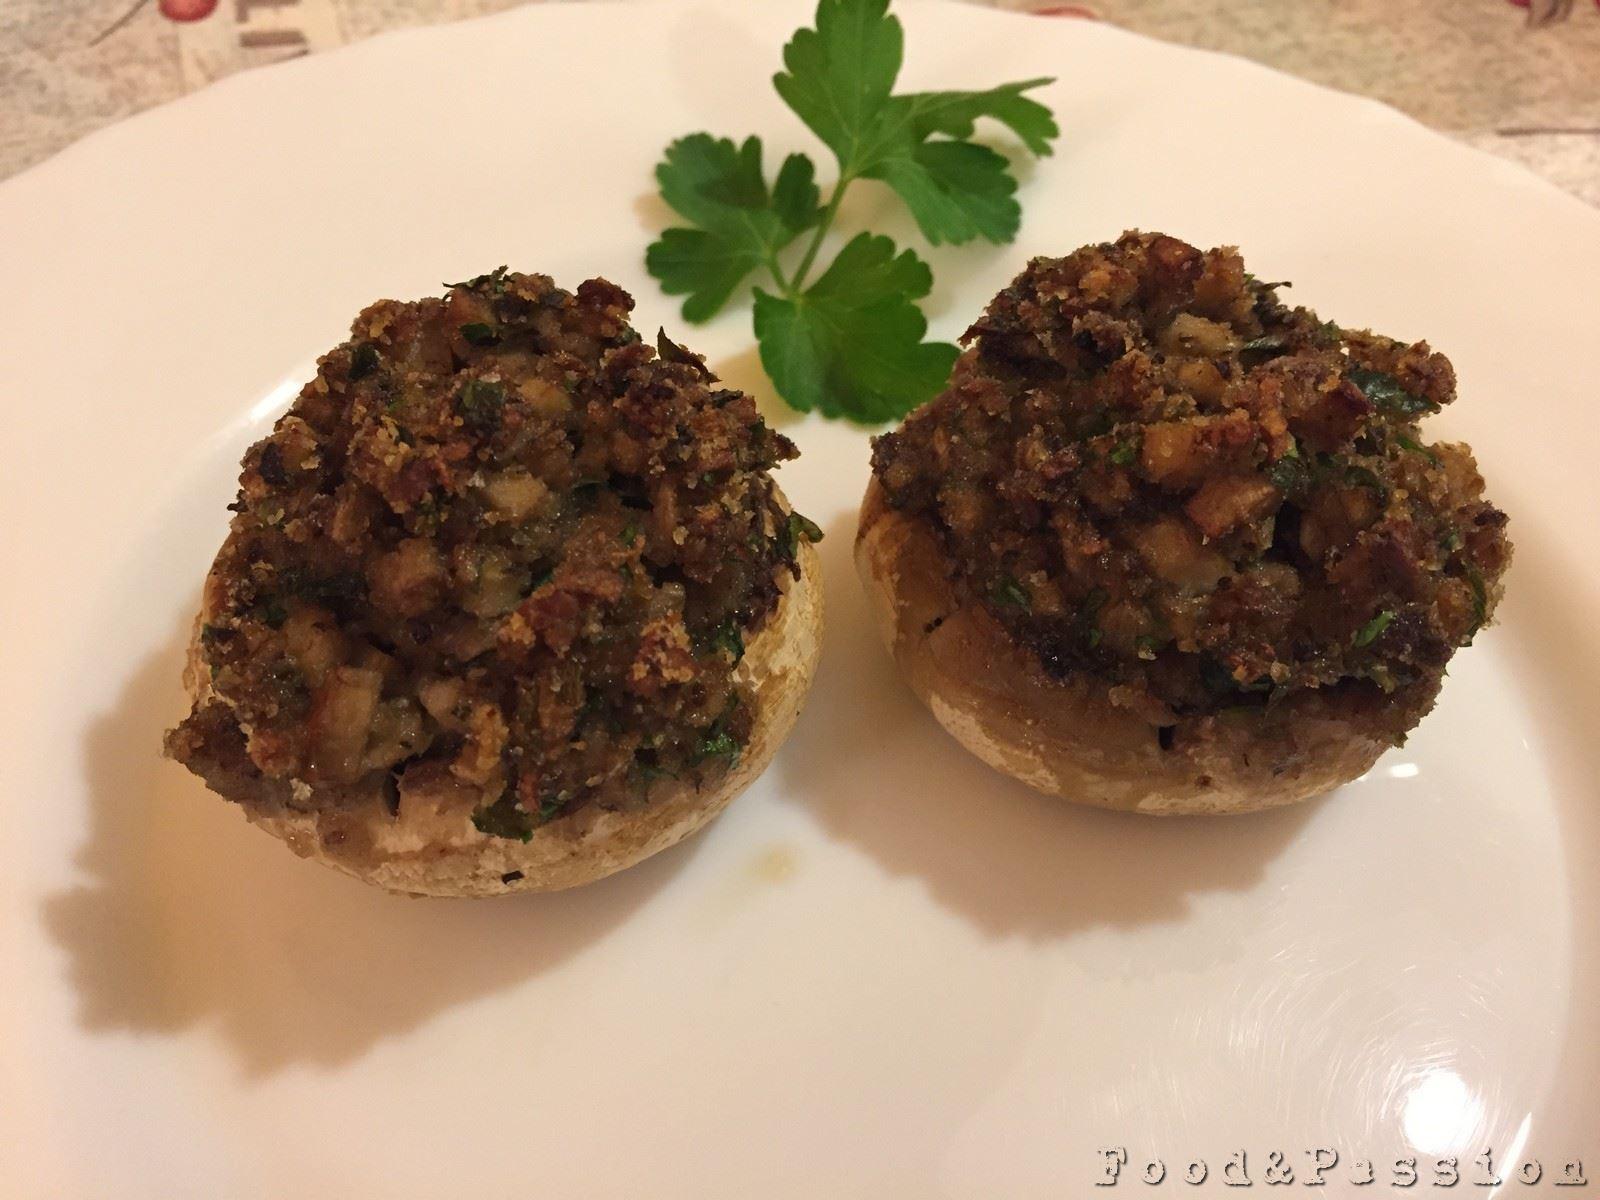 Funghi Champignon gratinati al forno 2